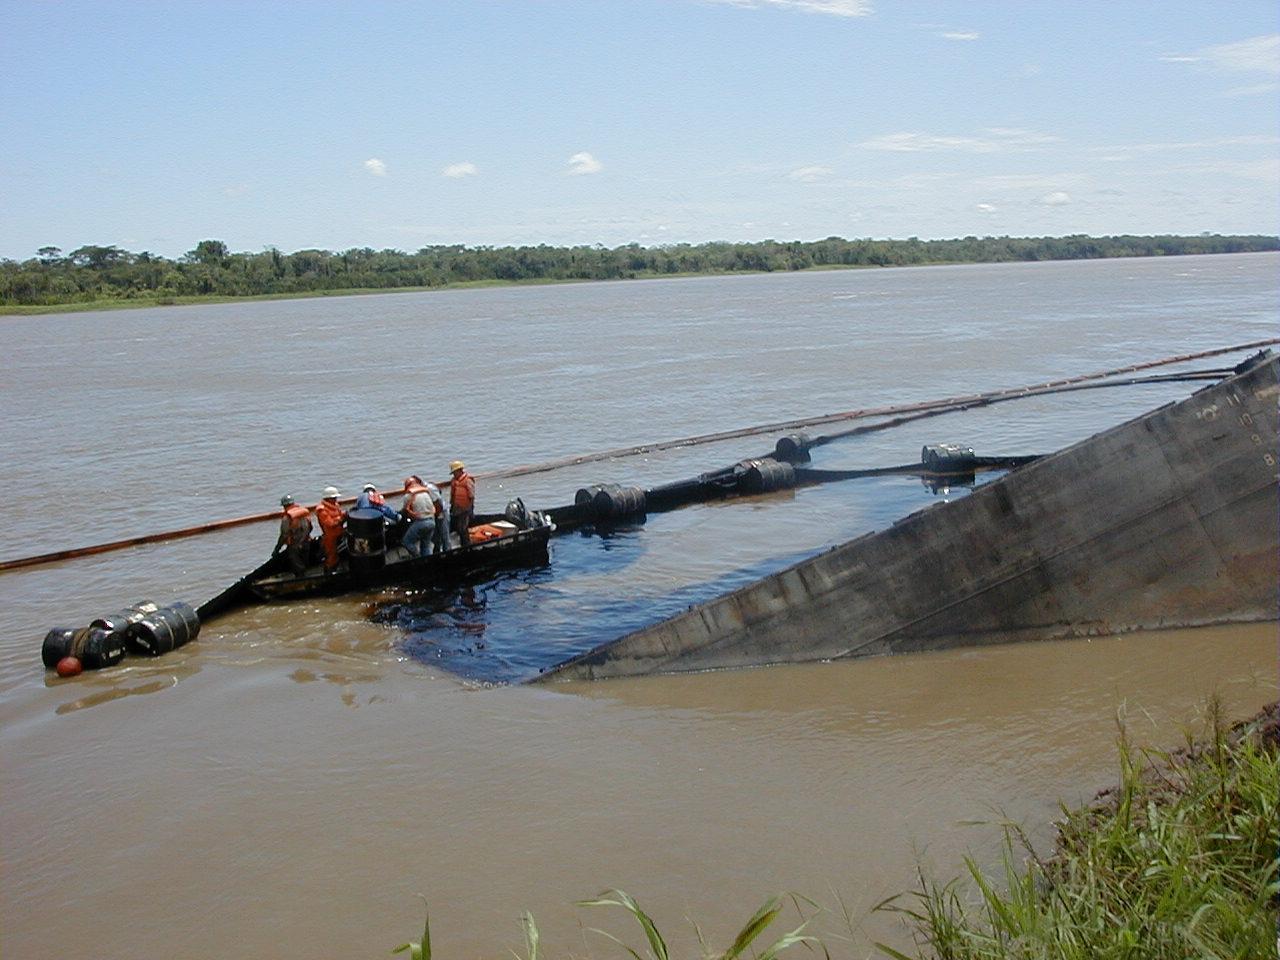 Cuenca el Marañón. Parte de la barcaza hundida el año 2000, lo que originó un derrame de 5000 barriles de petróleo, responsabilidad de Pluspetrol.